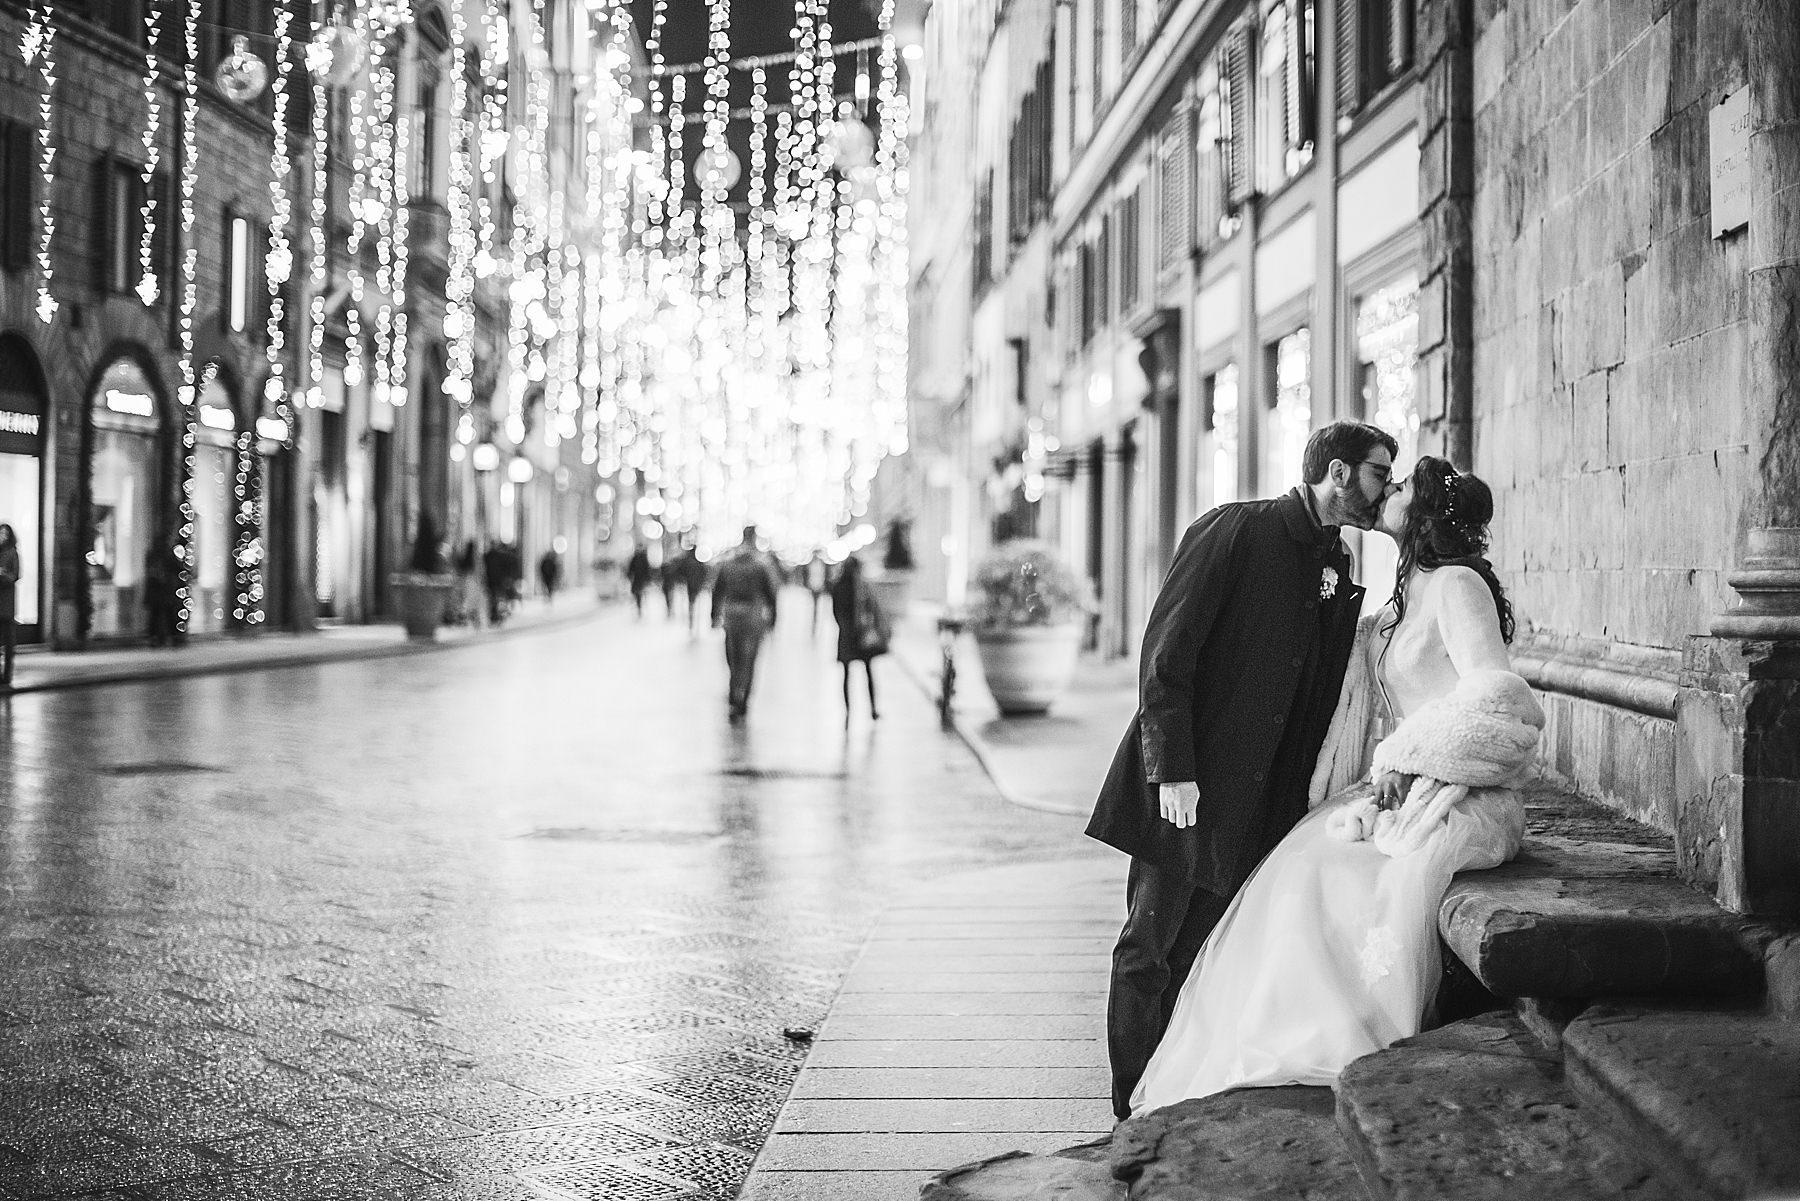 fotografia-di-matrimonio-a-firenze-in-inverno-785.JPG